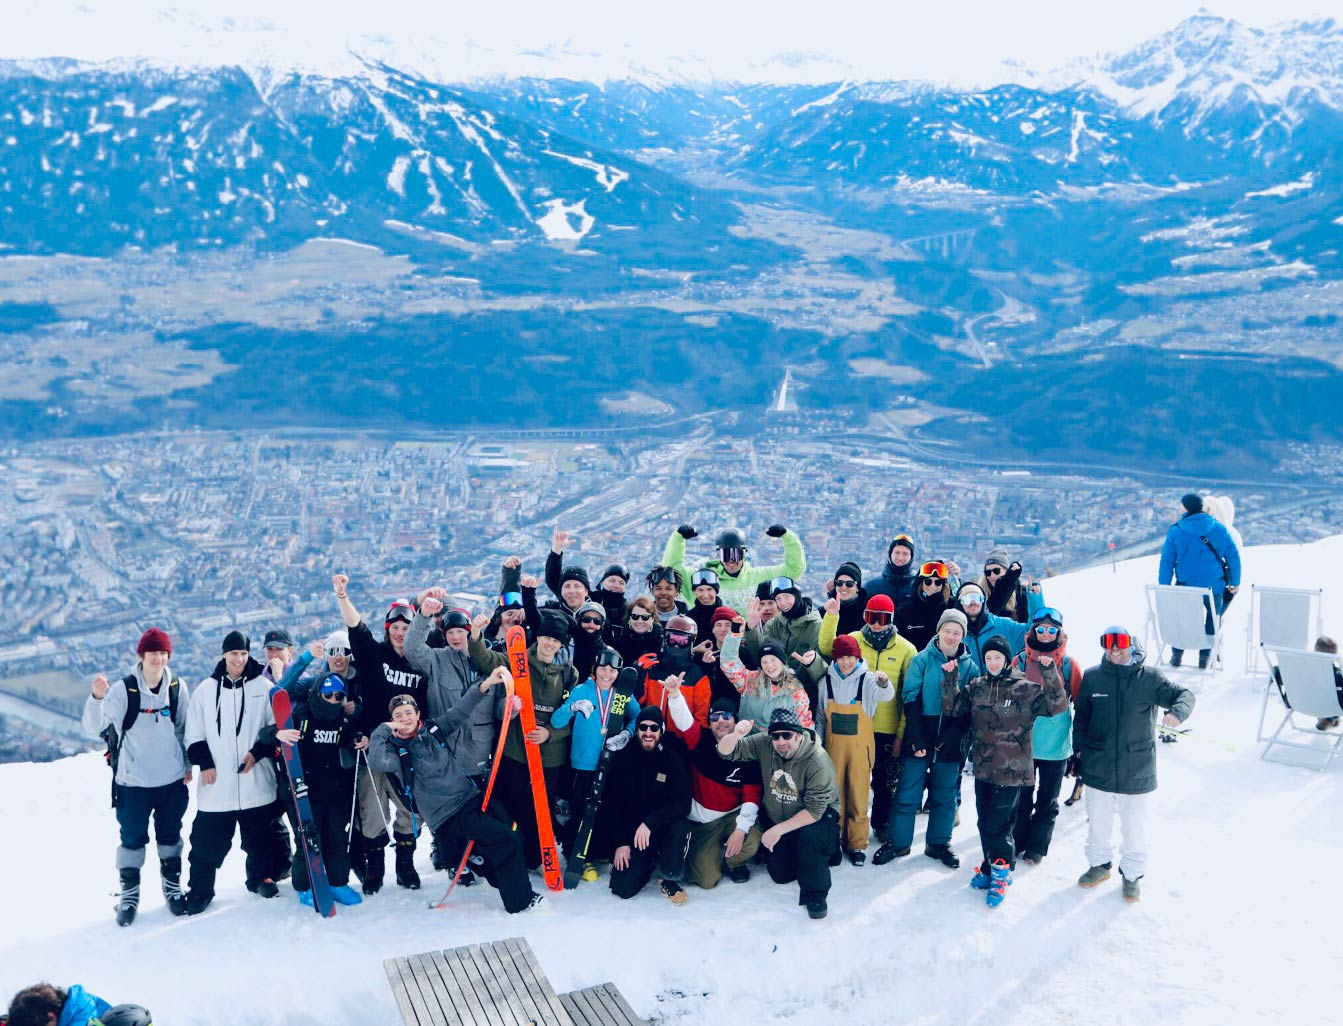 Die Crew und die Rider auf der Nordkette mit Blick auf Innsbruck. - Foto: Simon Rainer